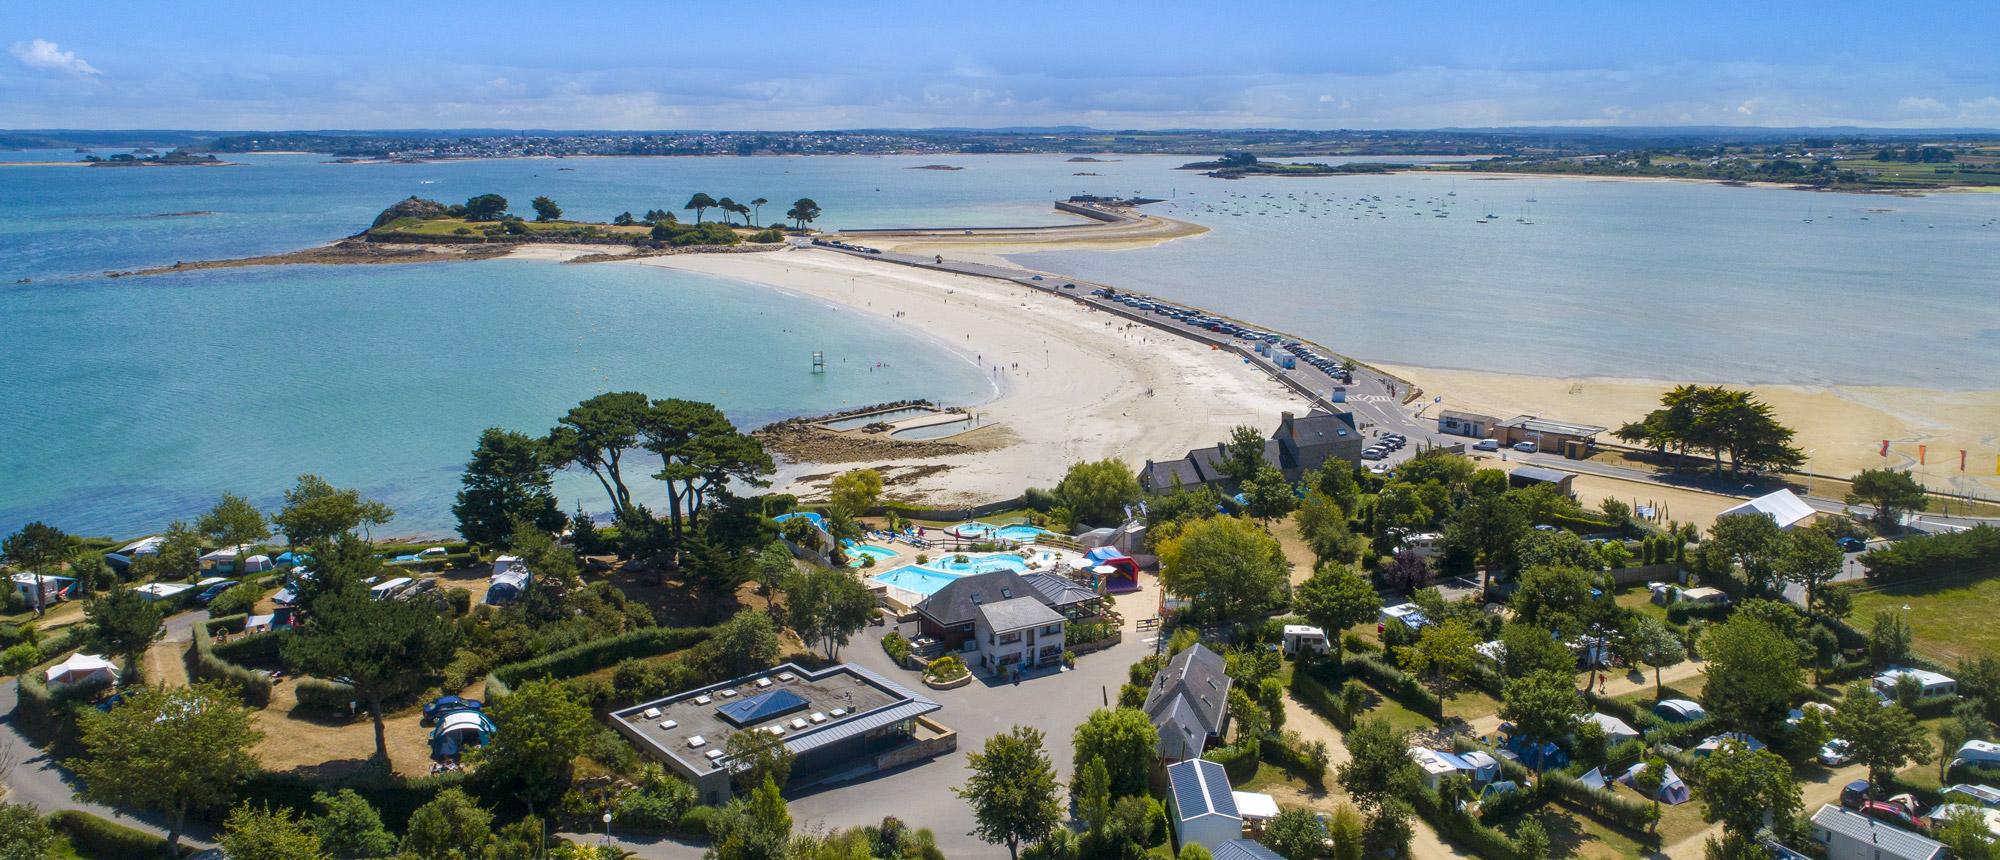 Vue aérienne du camping en Finistère nord bord de mer Ar Kleguer